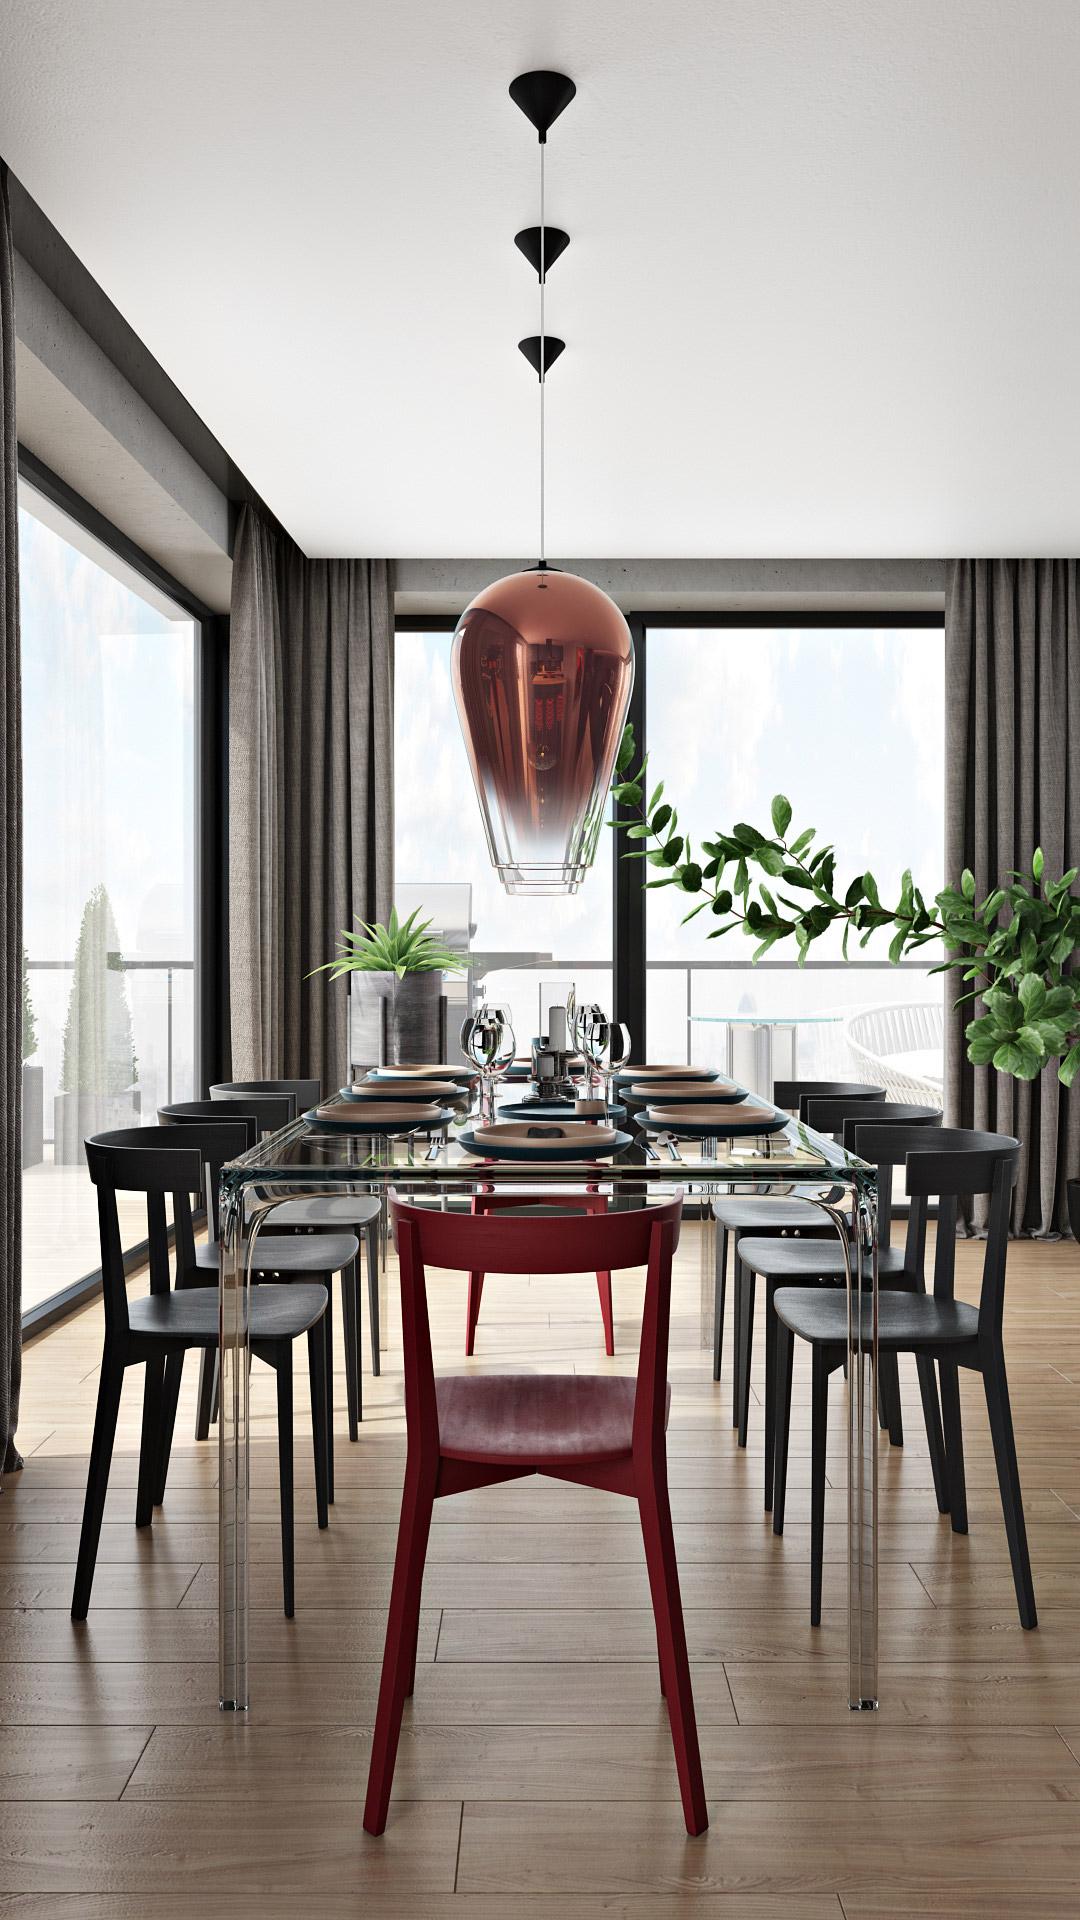 Thiết kế nội thất biệt thự hiện đại chuyên nghiệp thiet ke noi that biet thu 8